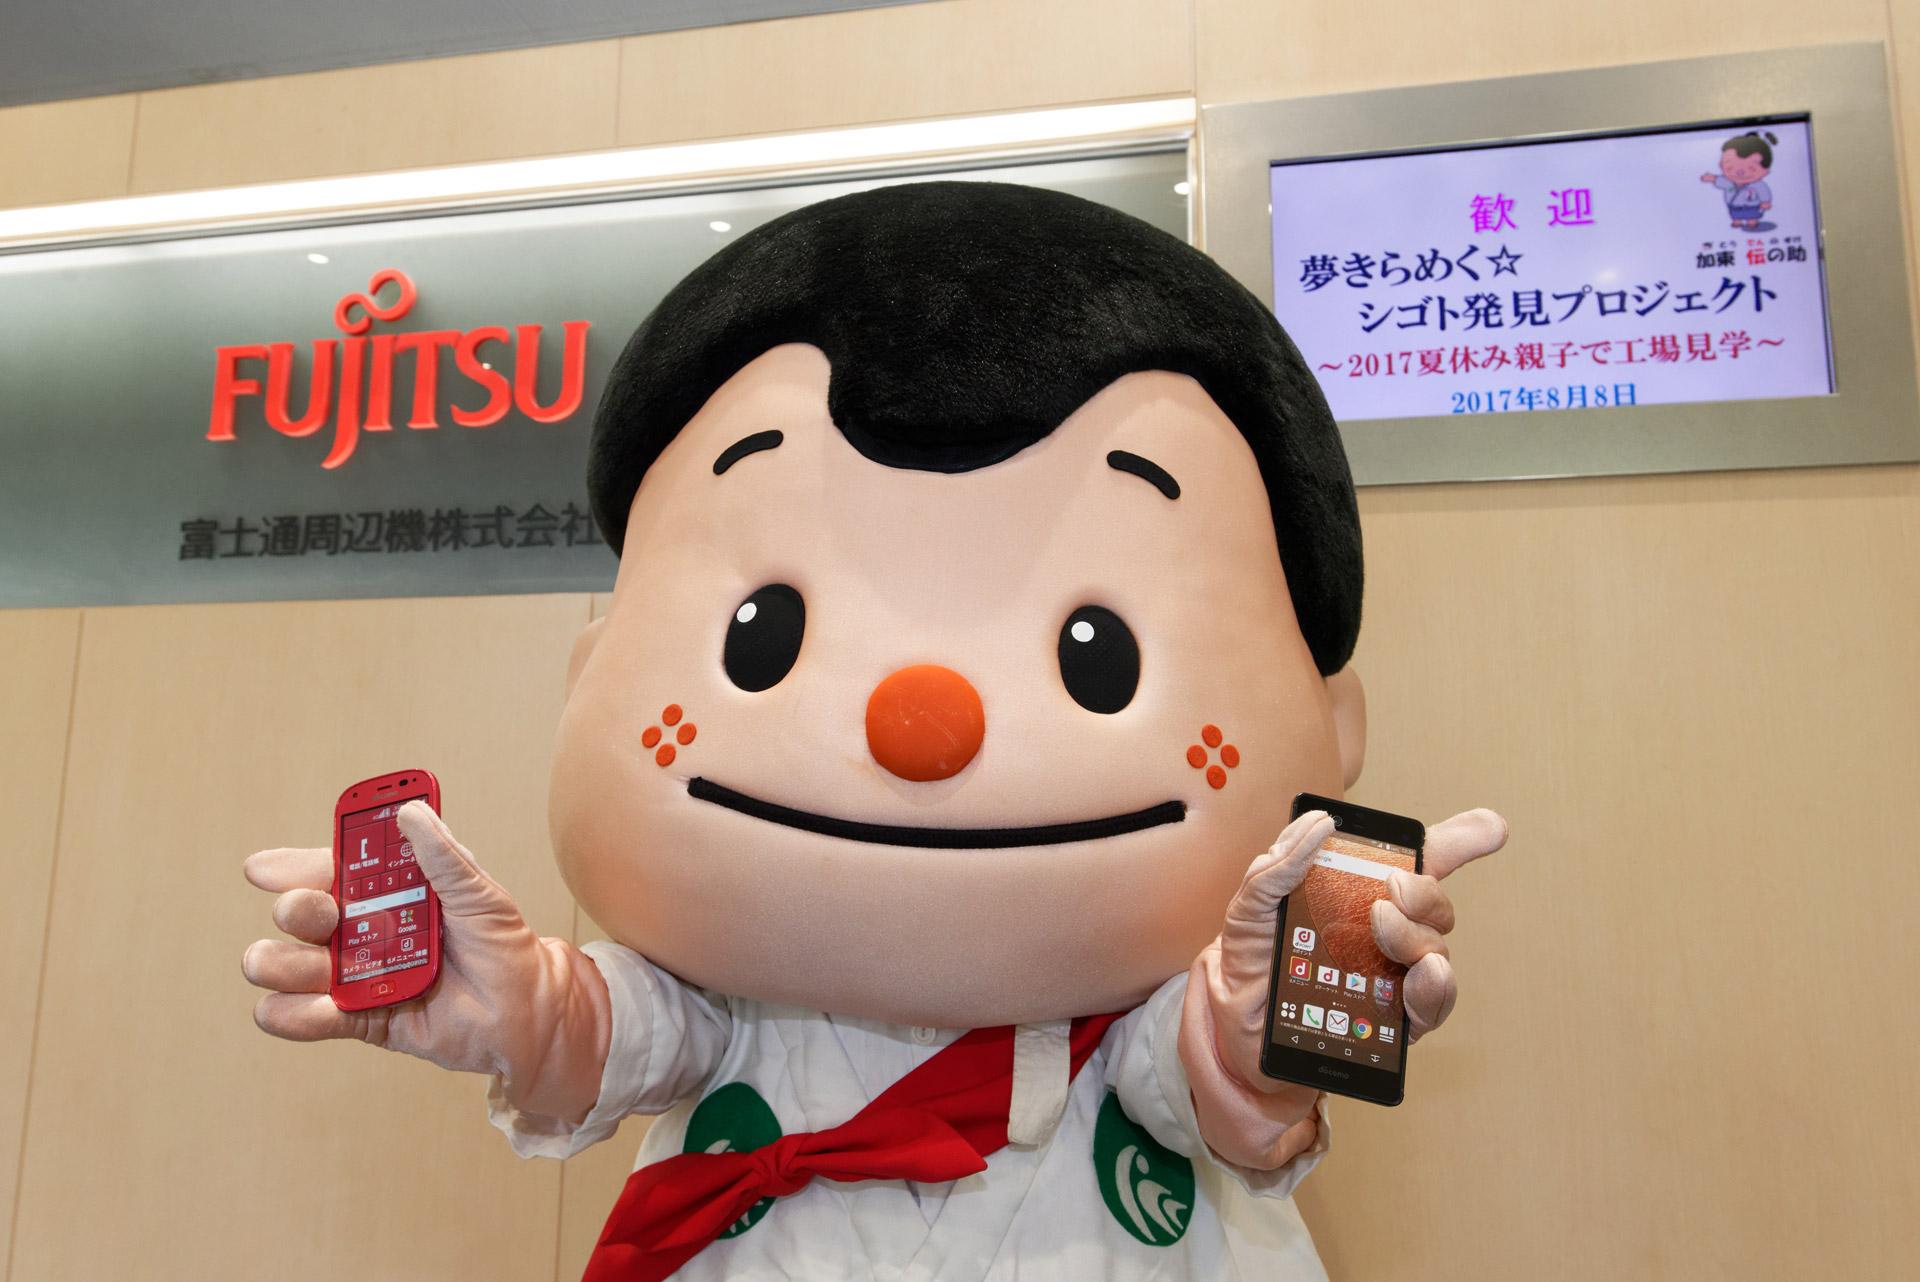 富士通周辺機の親子向け工場見学会に登場した加東市のマスコットキャラ「加東伝の助」